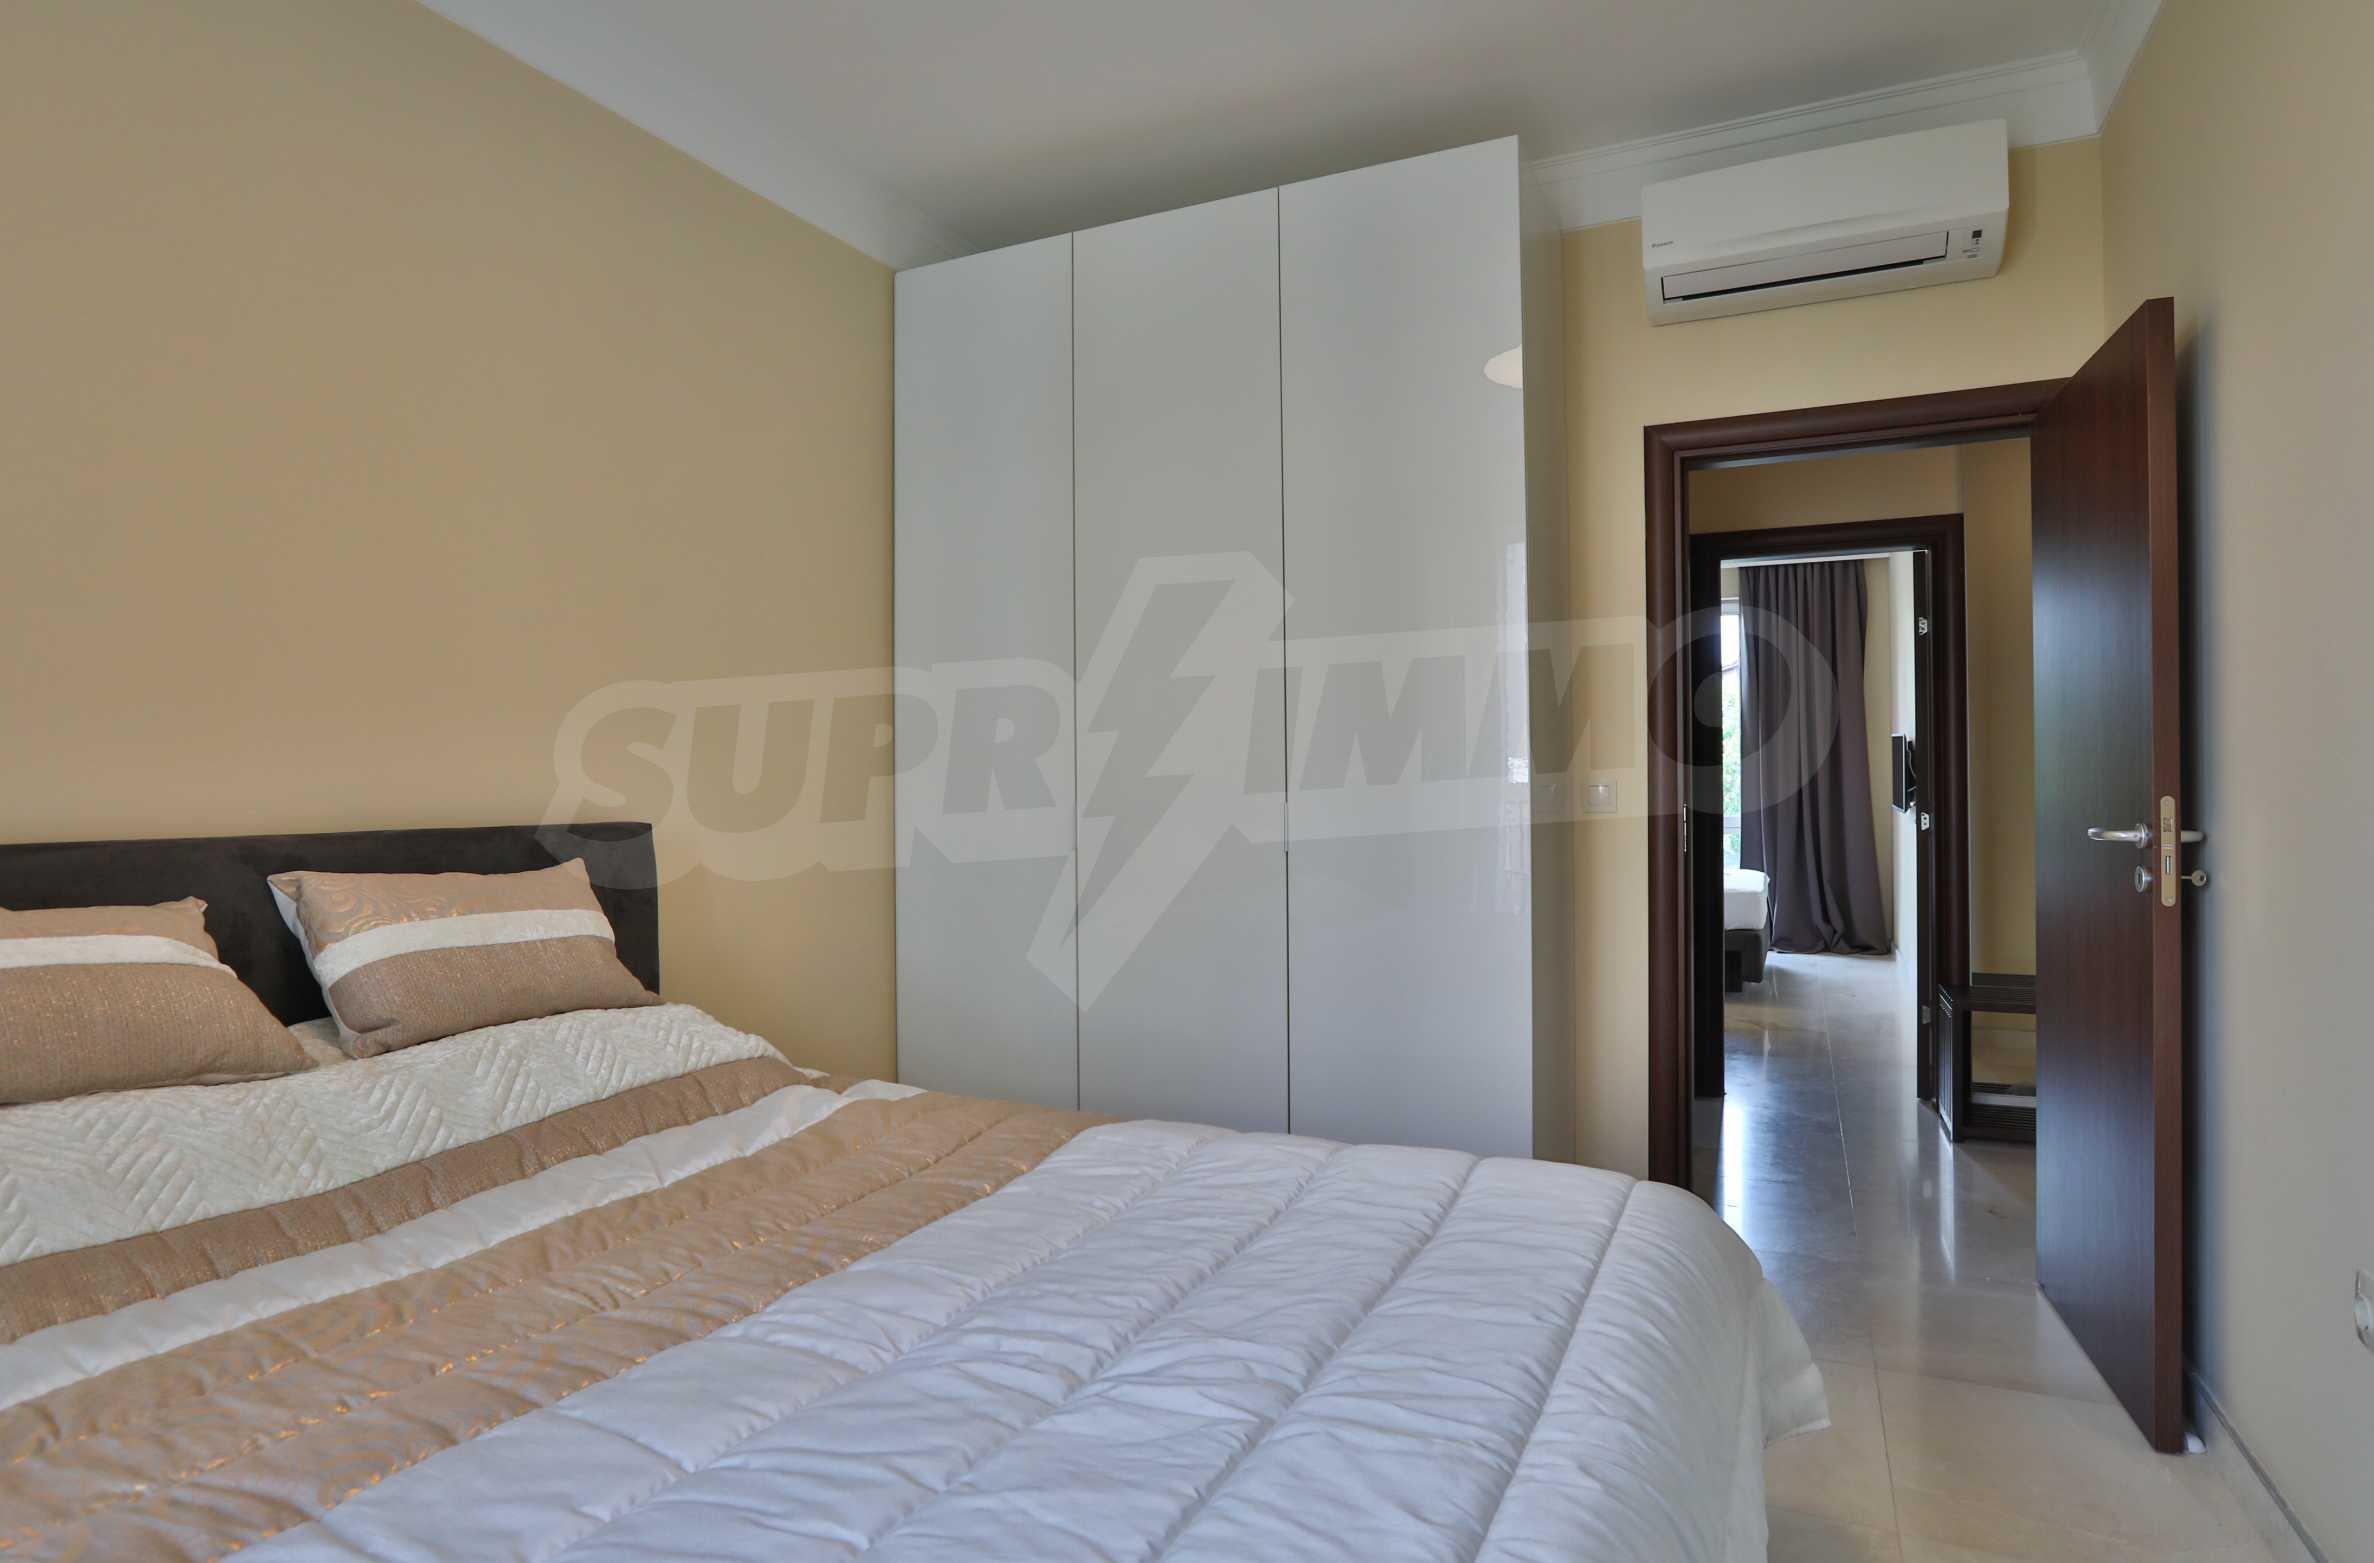 Дизайнерски апартамент с 2 спални в луксозната морска резиденция Belle Époque в Лозенец 16